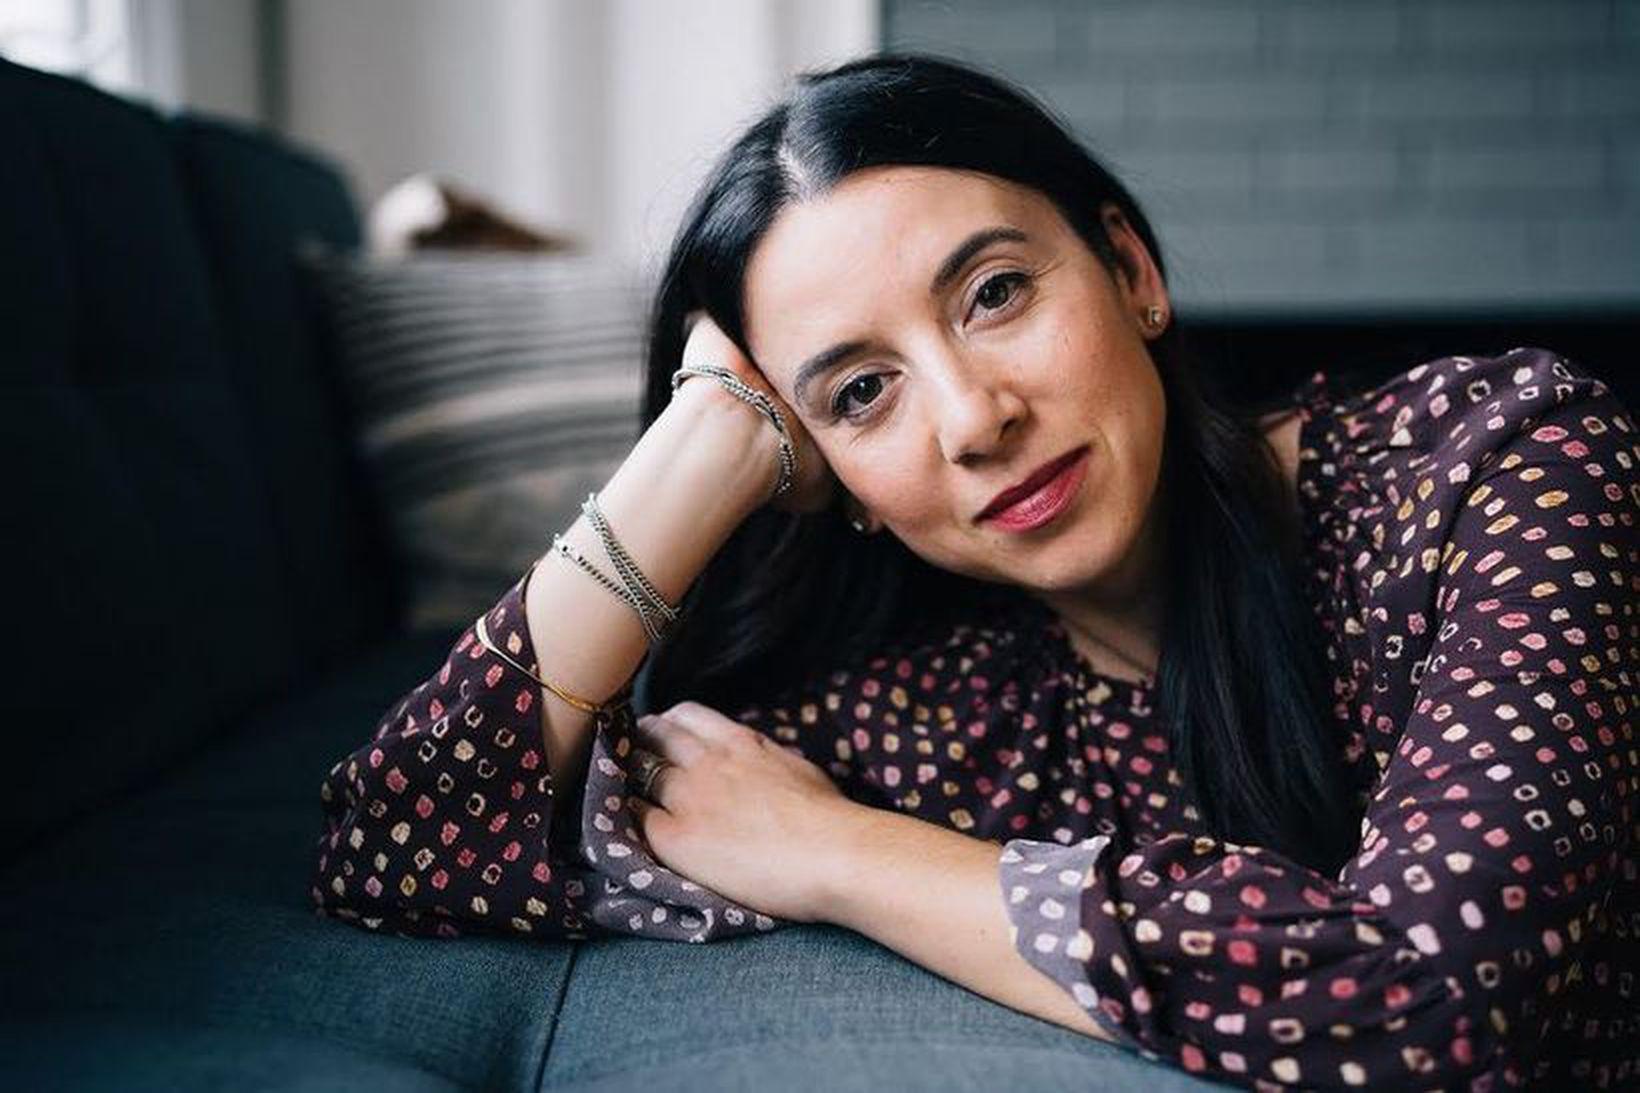 Sasha Plavsic, stofnandi ILIA Beauty, vill hanna náttúrulegar snyrtivörur sem …